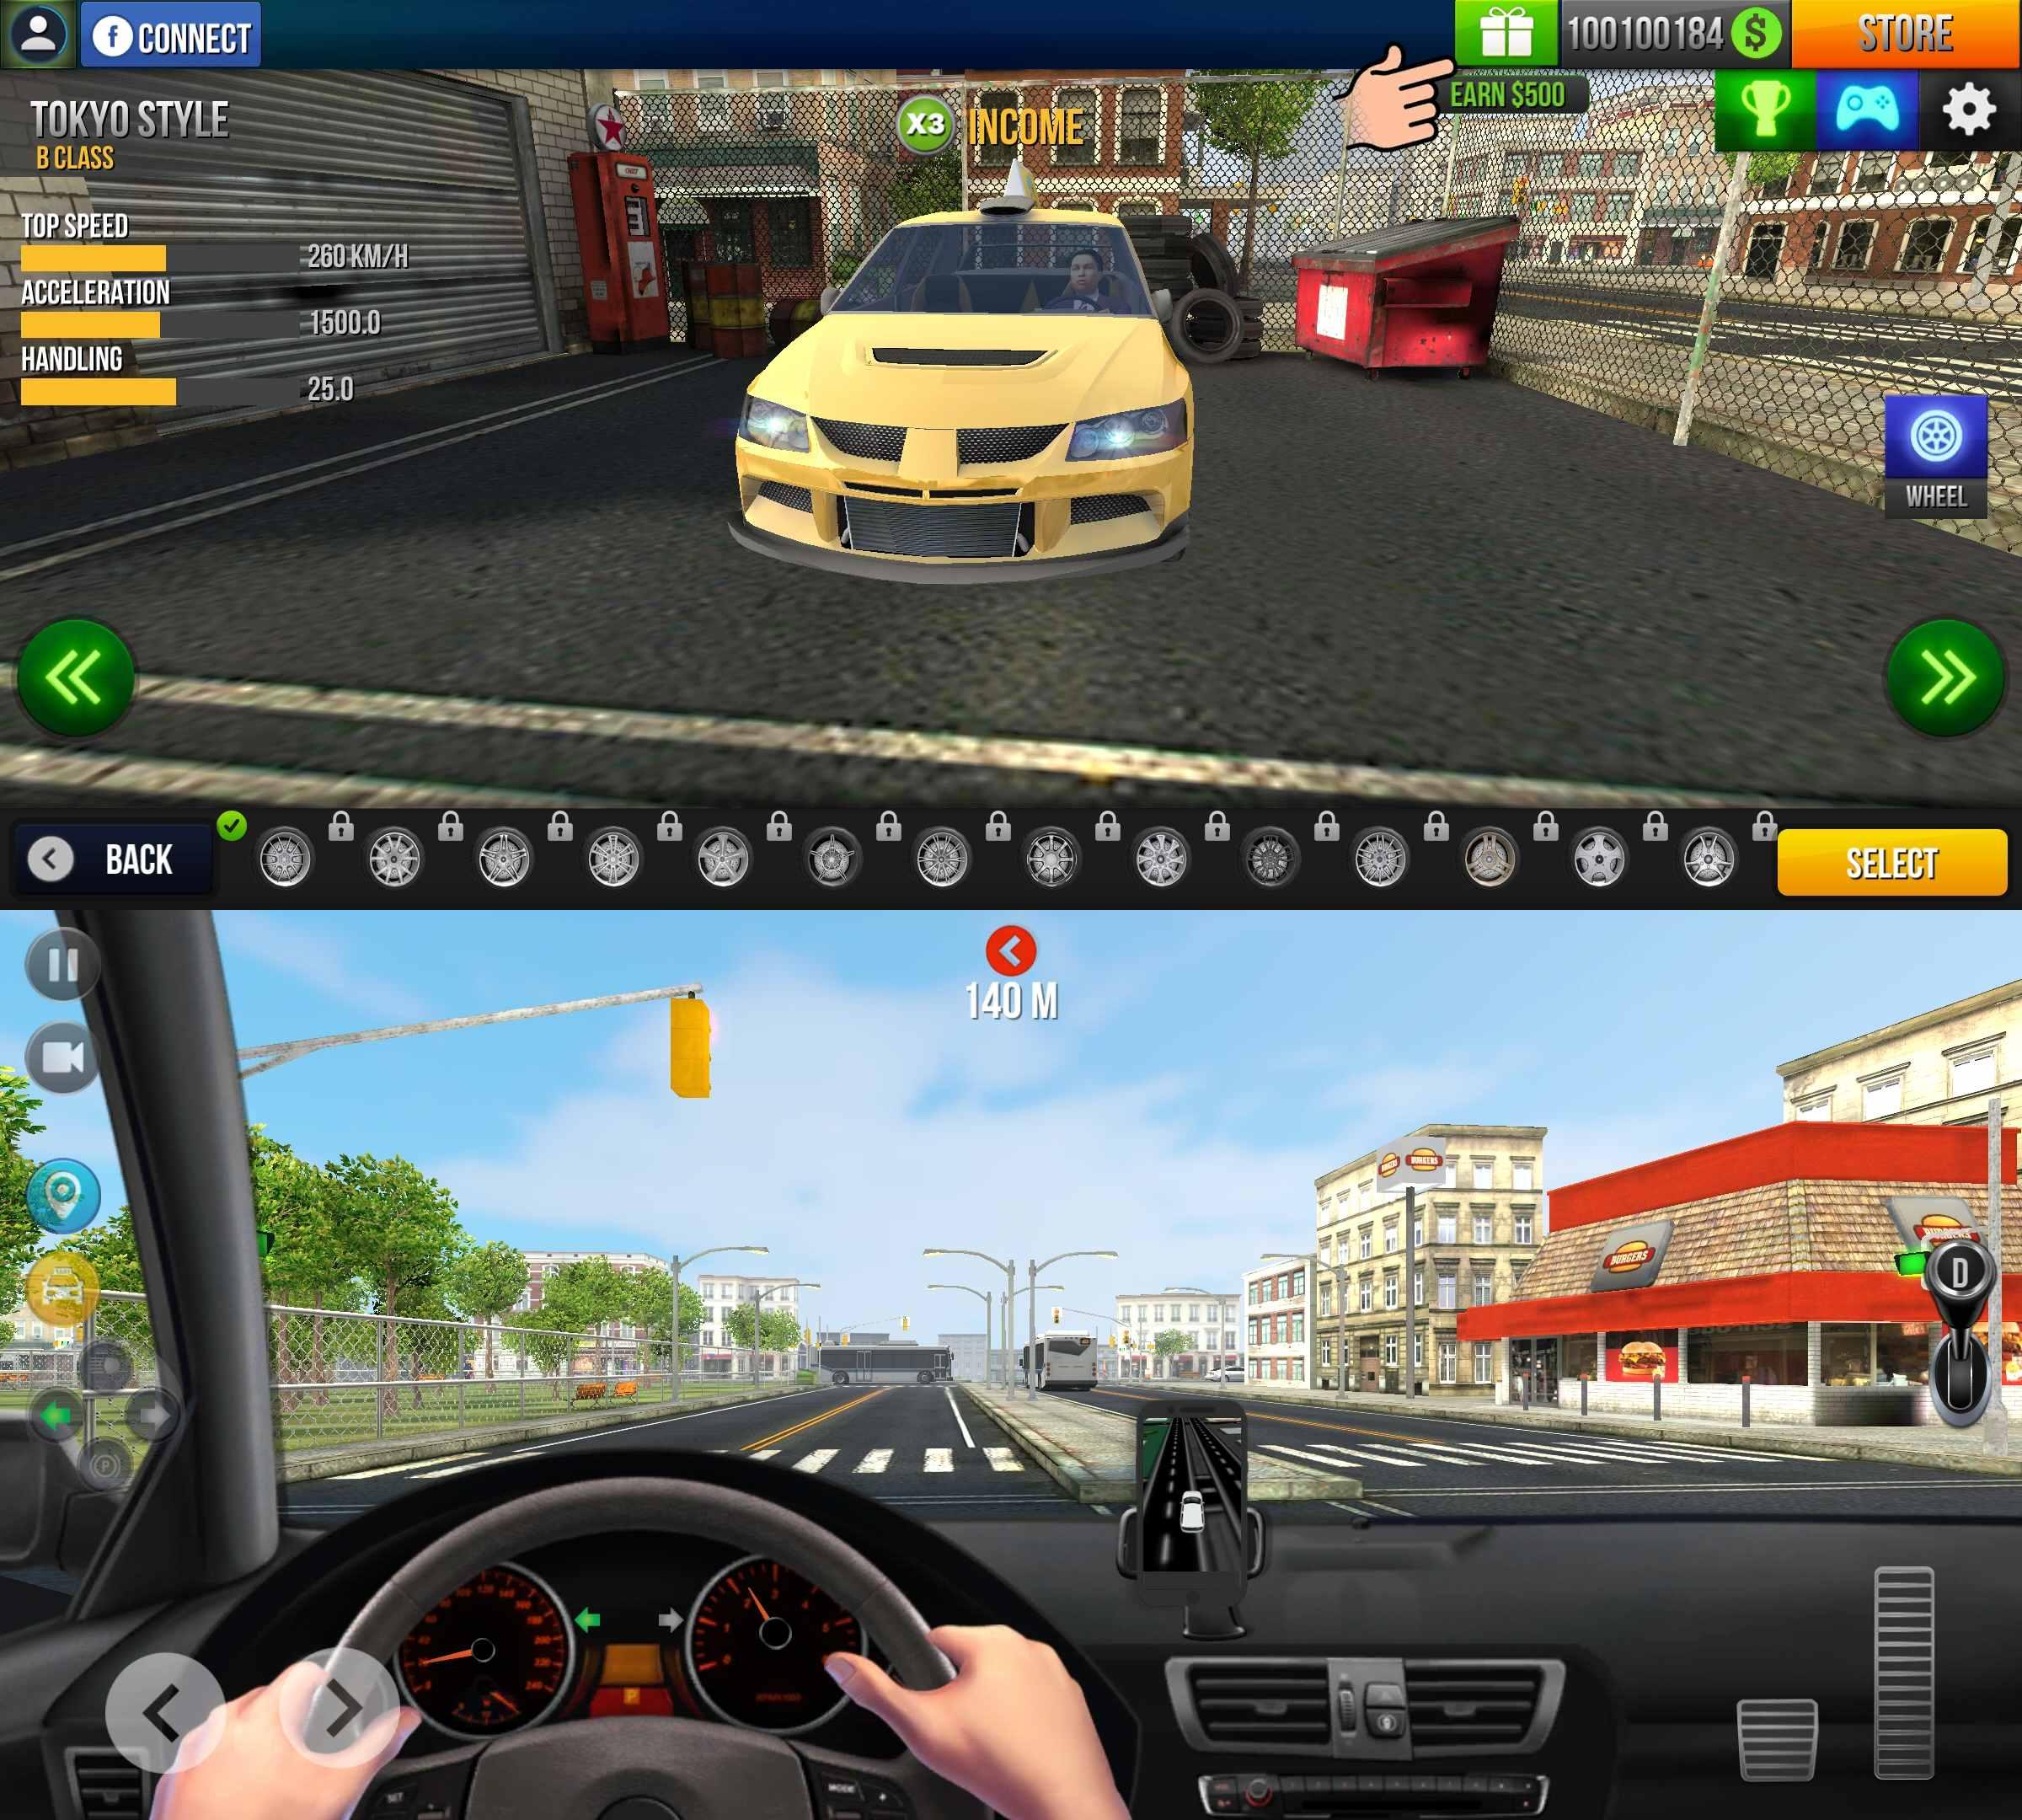 出租车模拟器截图1